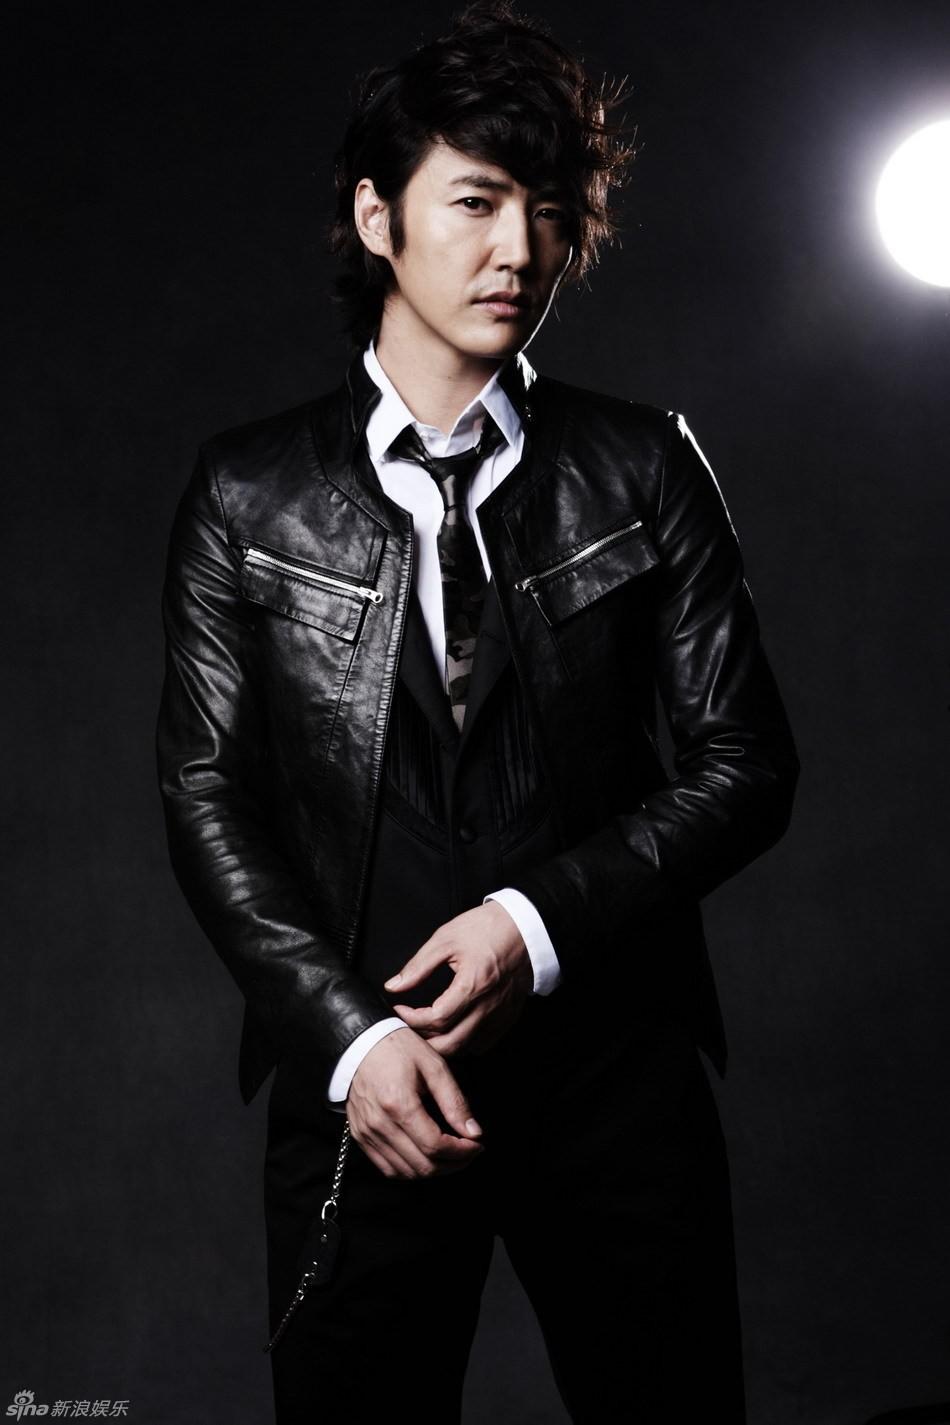 yoon-sang-hyun-8267.jpg